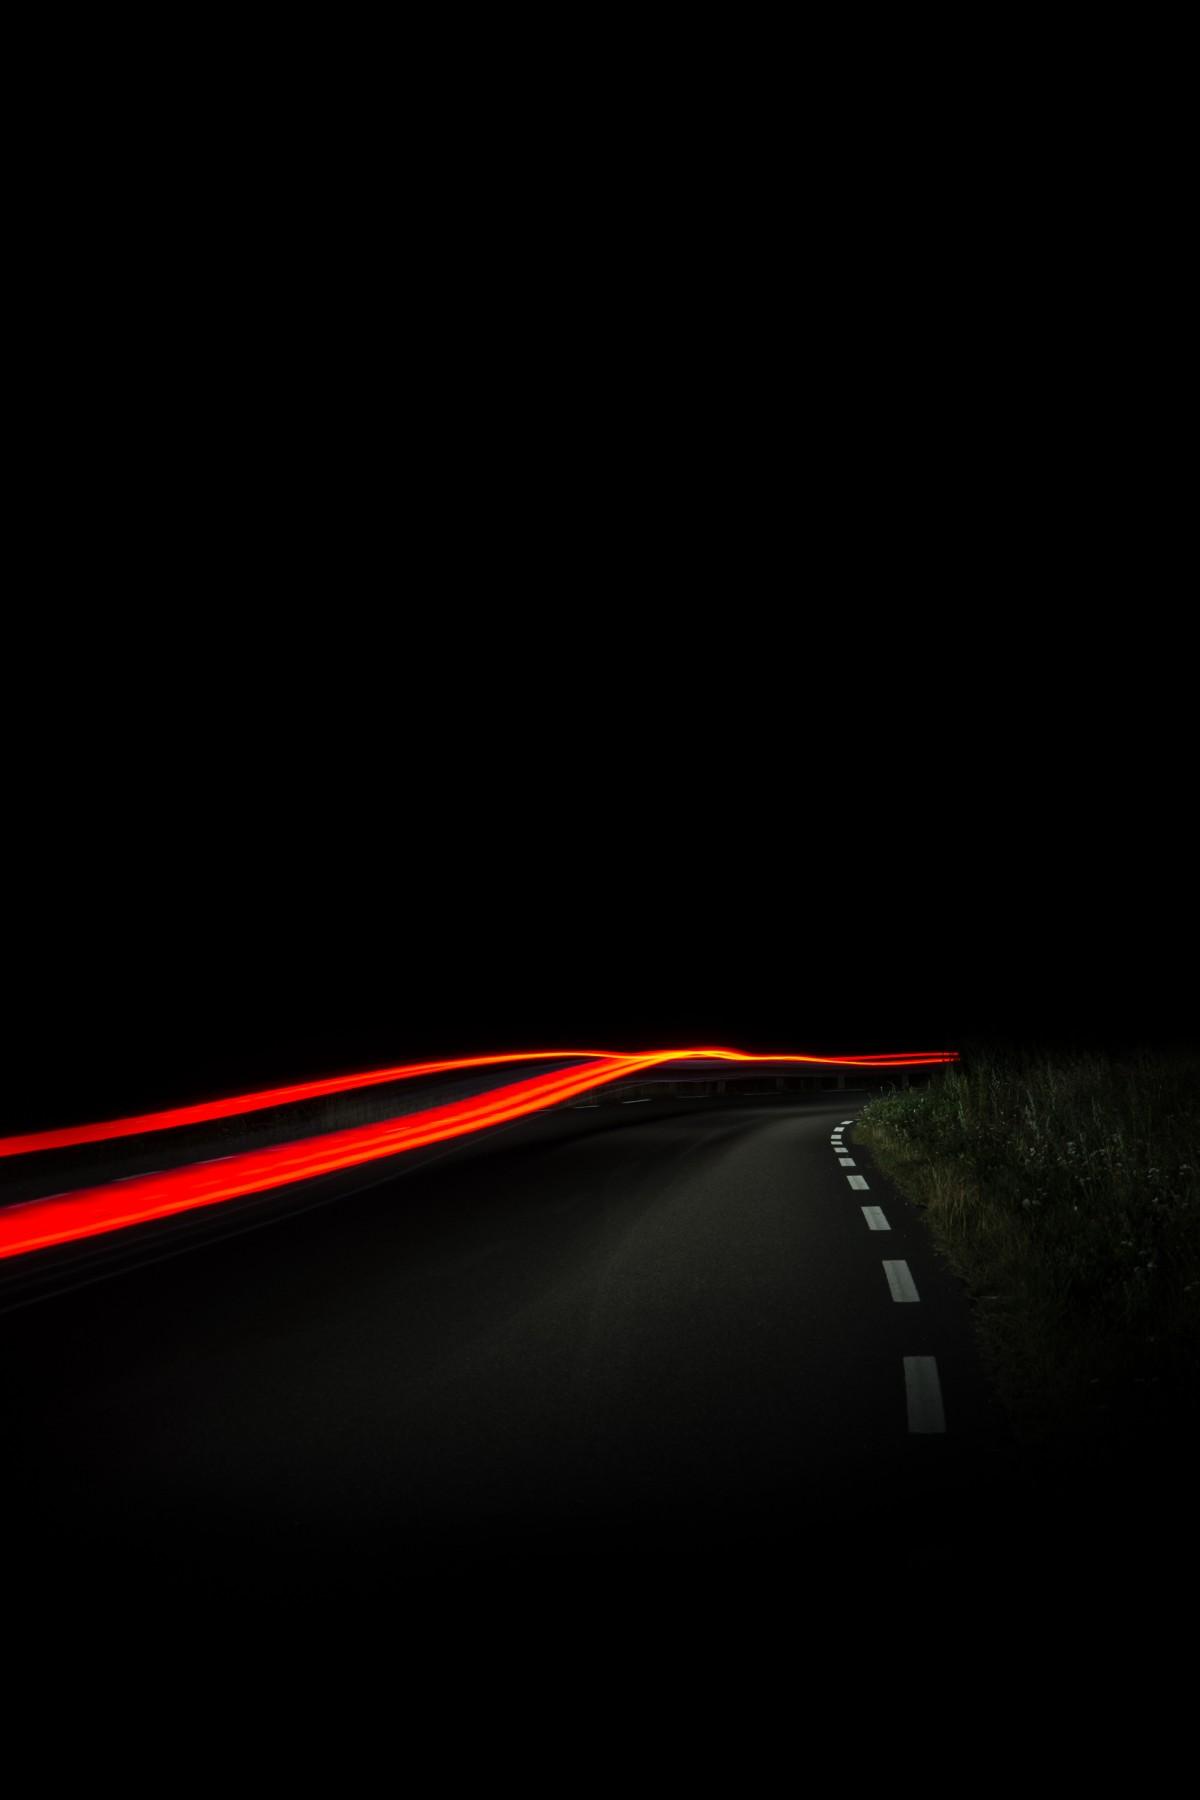 Black Car Lights Wallpaper Free Images Wing Bokeh Night Highway Sparkler Line